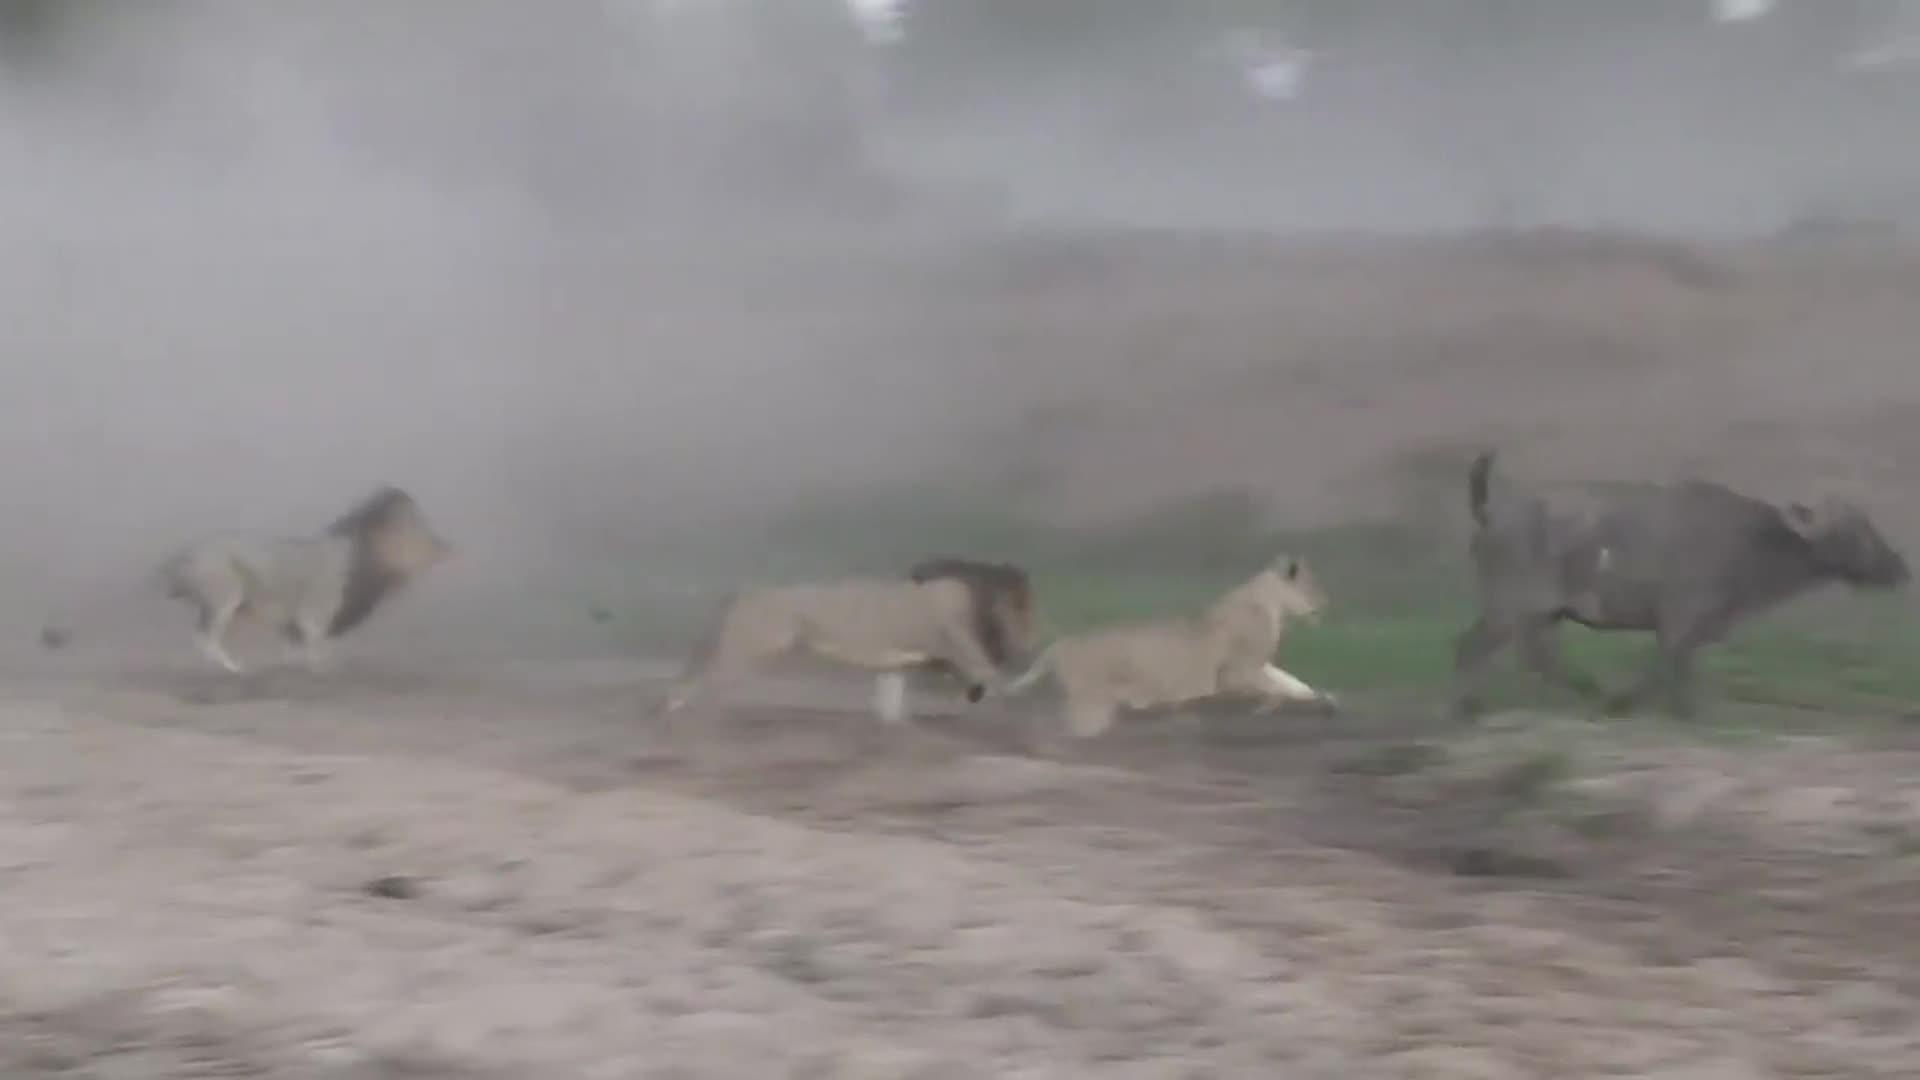 Trâu rừng thoát chết thần kì khỏi bầy sư tử. Nguồn: Kruger Sighting